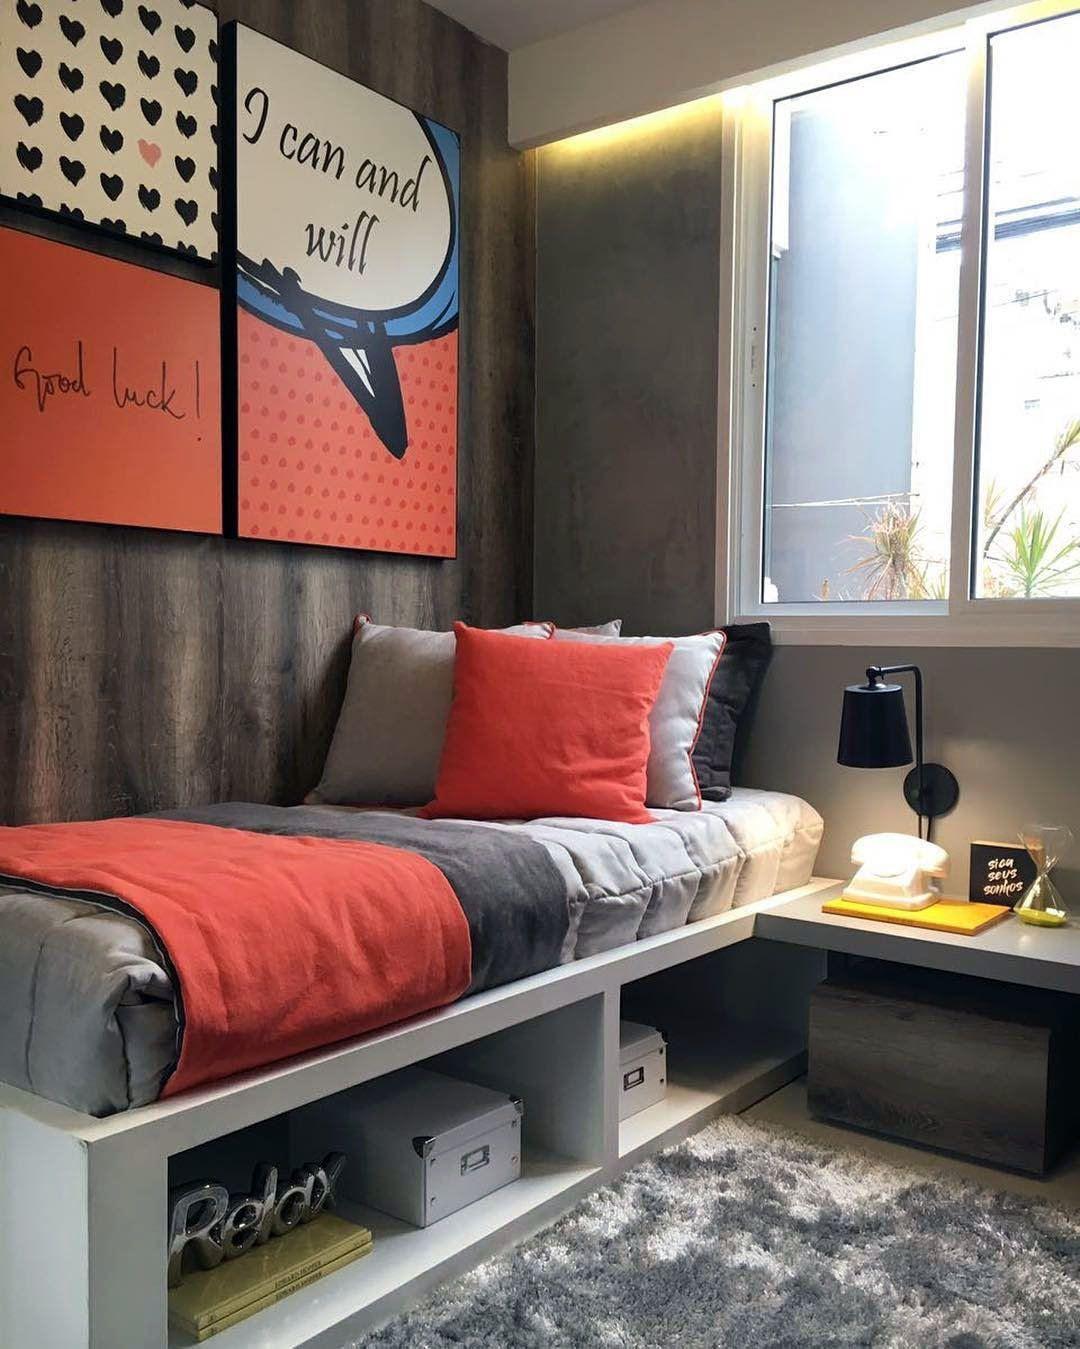 Children S Bedrooms In Small Spaces Top Tips Childrens Bedrooms Kids Room Organization Small Kids Room